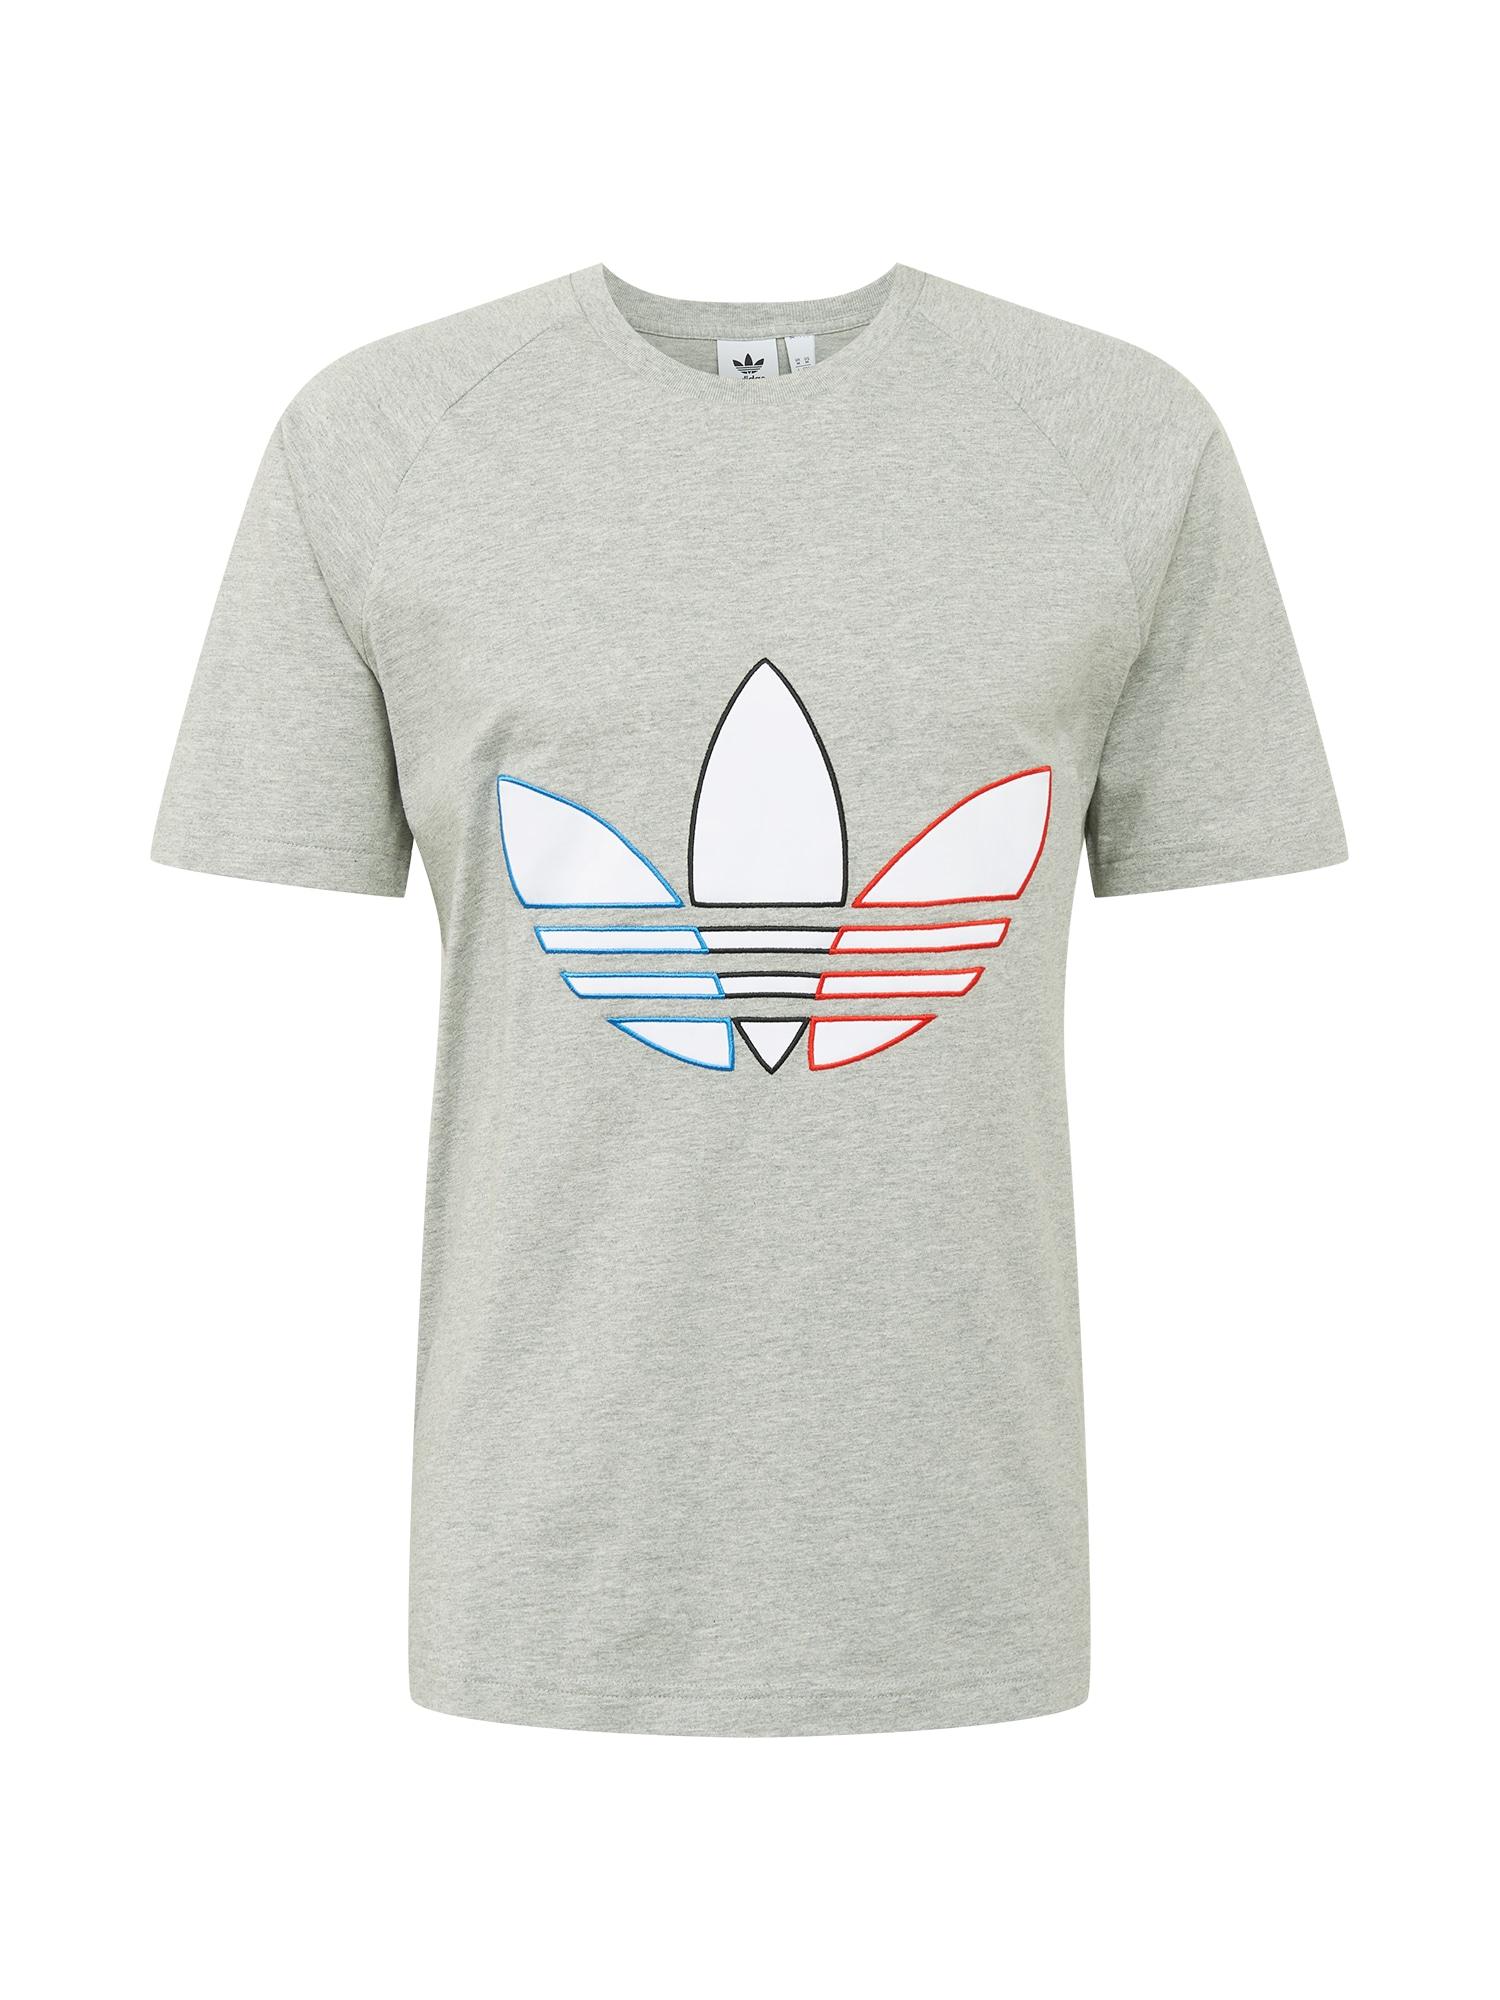 ADIDAS ORIGINALS Marškinėliai pilka / mėlyna / juoda / raudona